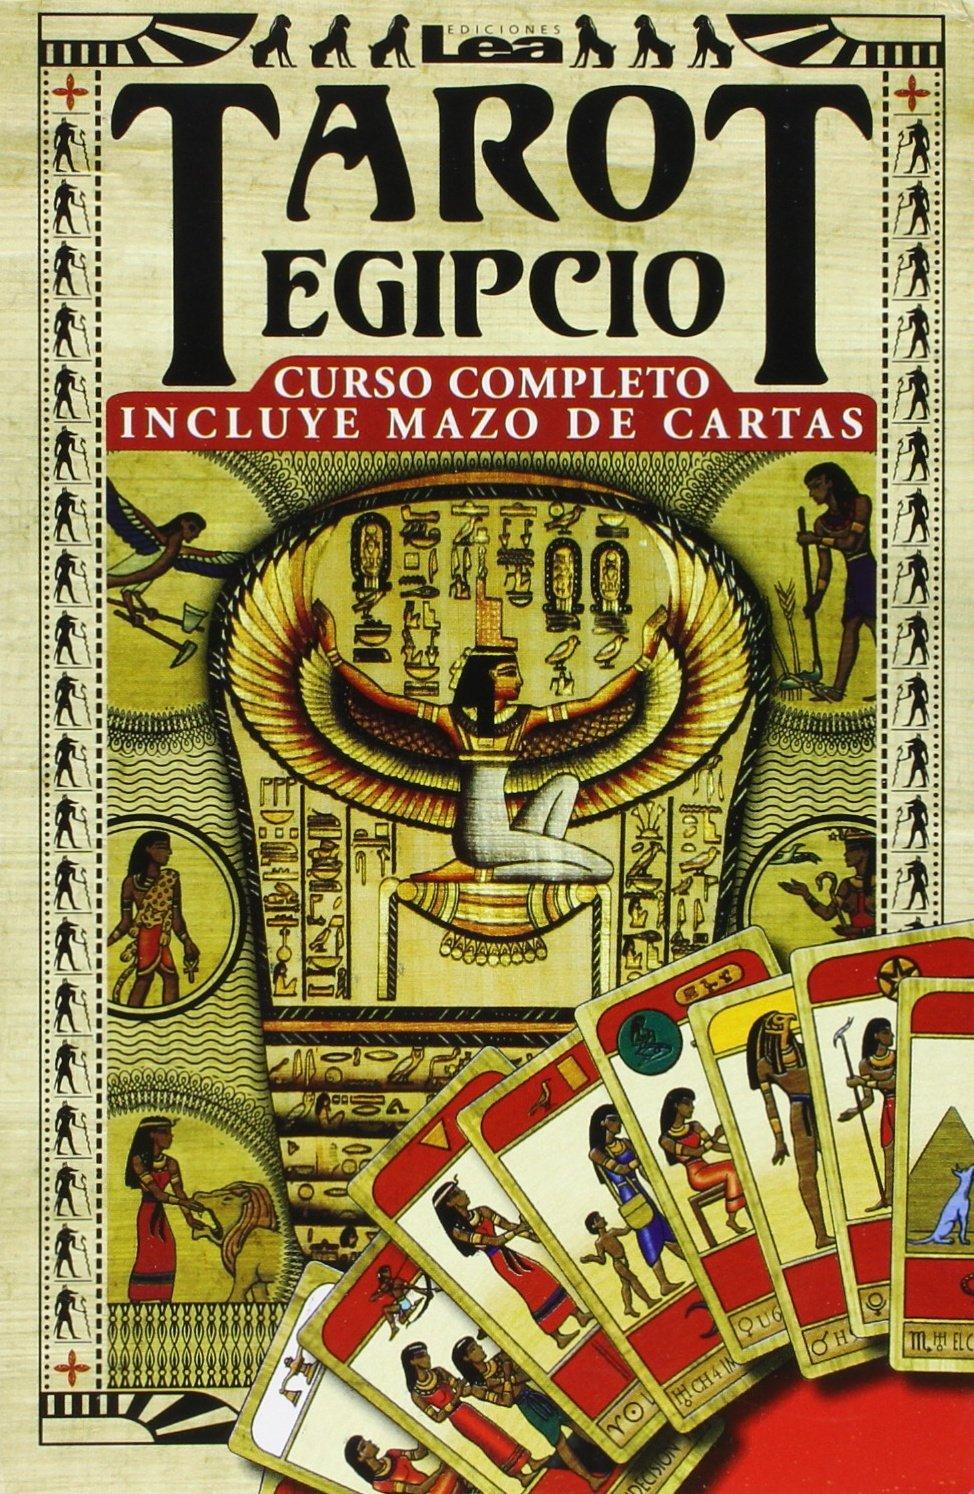 Download Tarot egipcio en caja: Curso completo con mazo de cartas (Spanish Edition) PDF